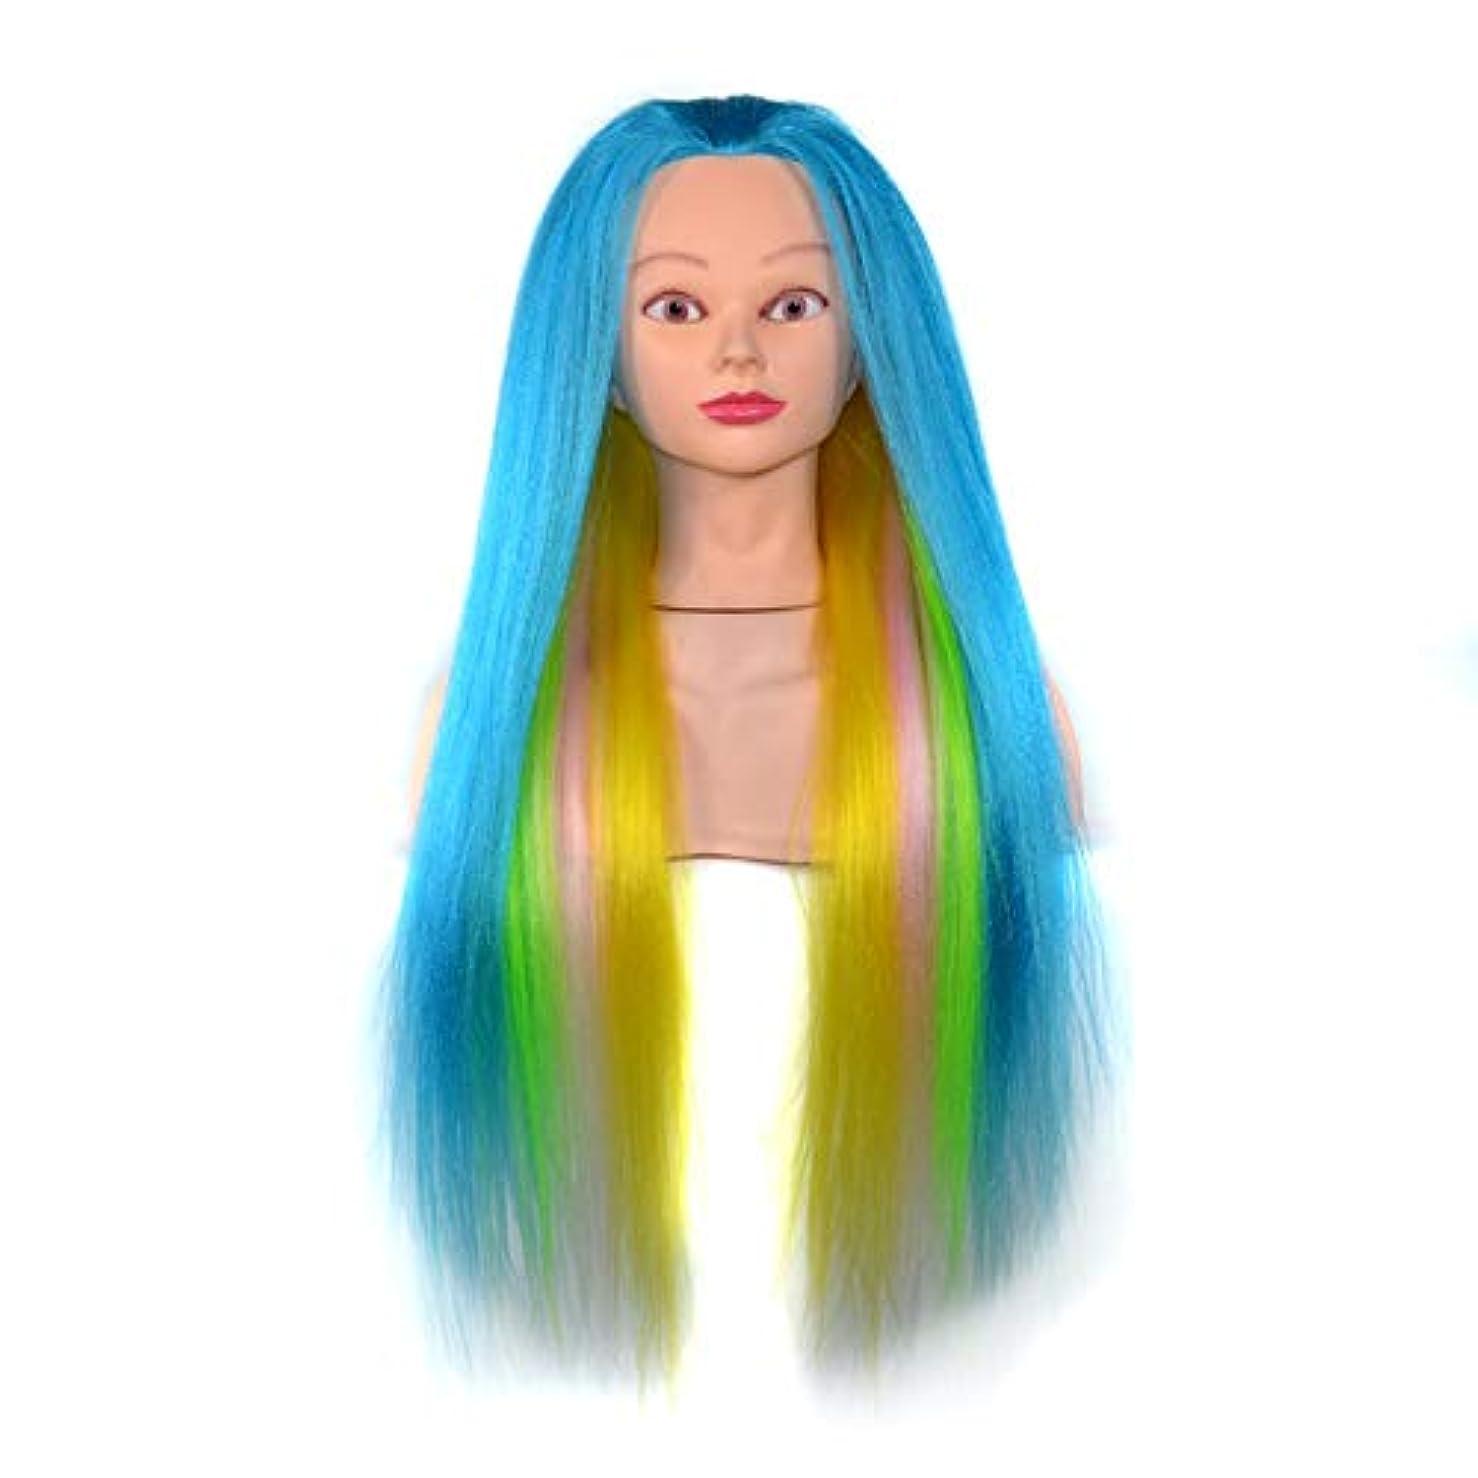 疾患原始的なコーン美容院トレーニングヘッド高温シルクマネキン人形ヘッドヘアスタイリング練習ディスクヘア学習ヘッド金型付きブラケット